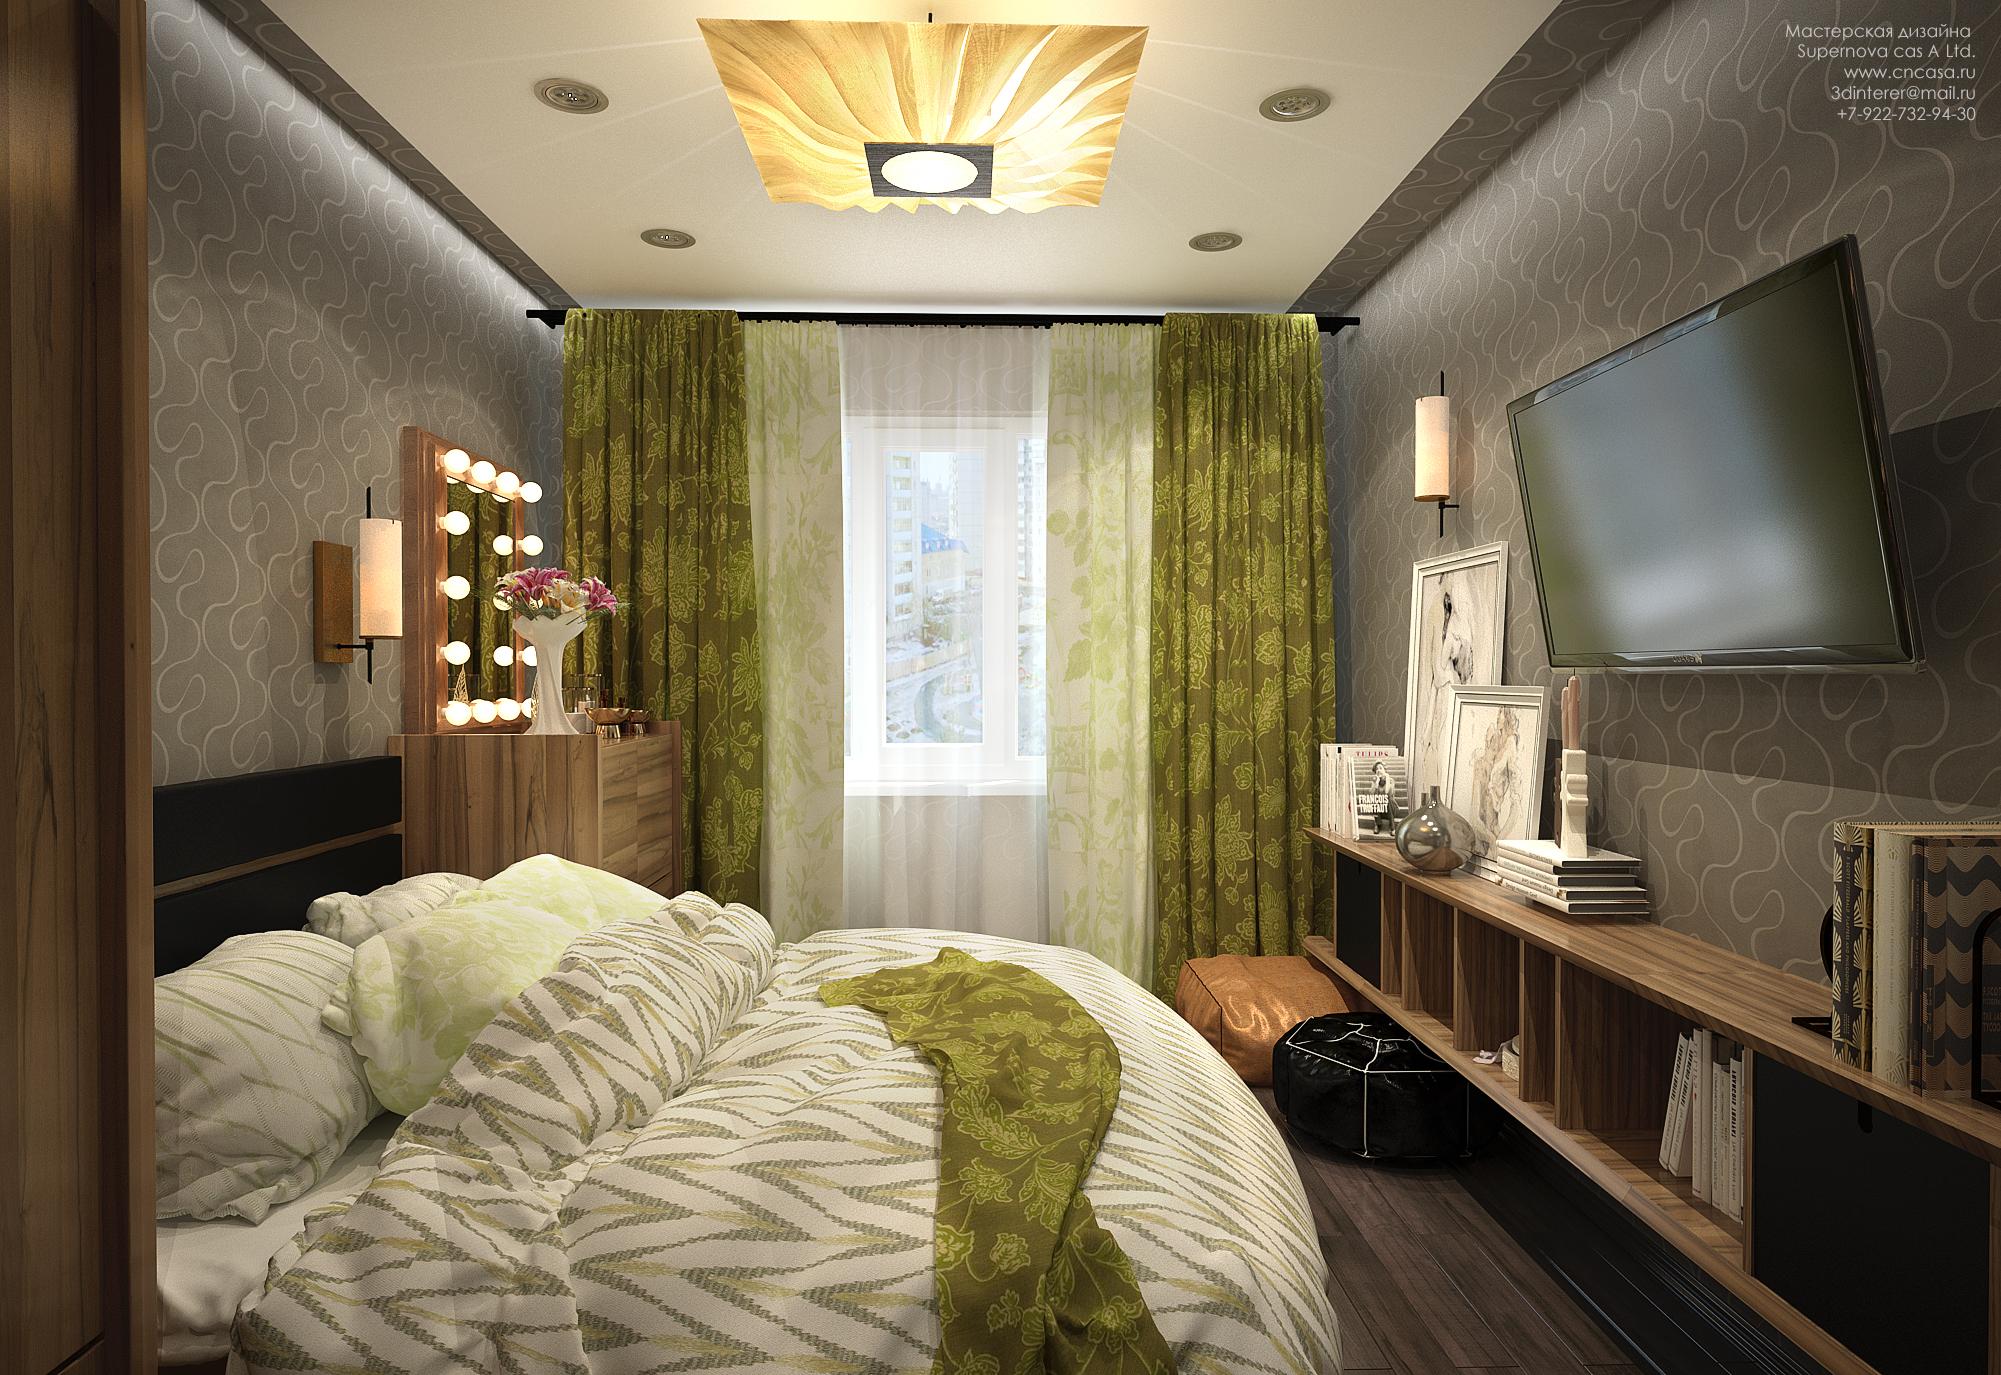 """Дизайн квартиры двухкомнатной фото """" современный дизайн."""